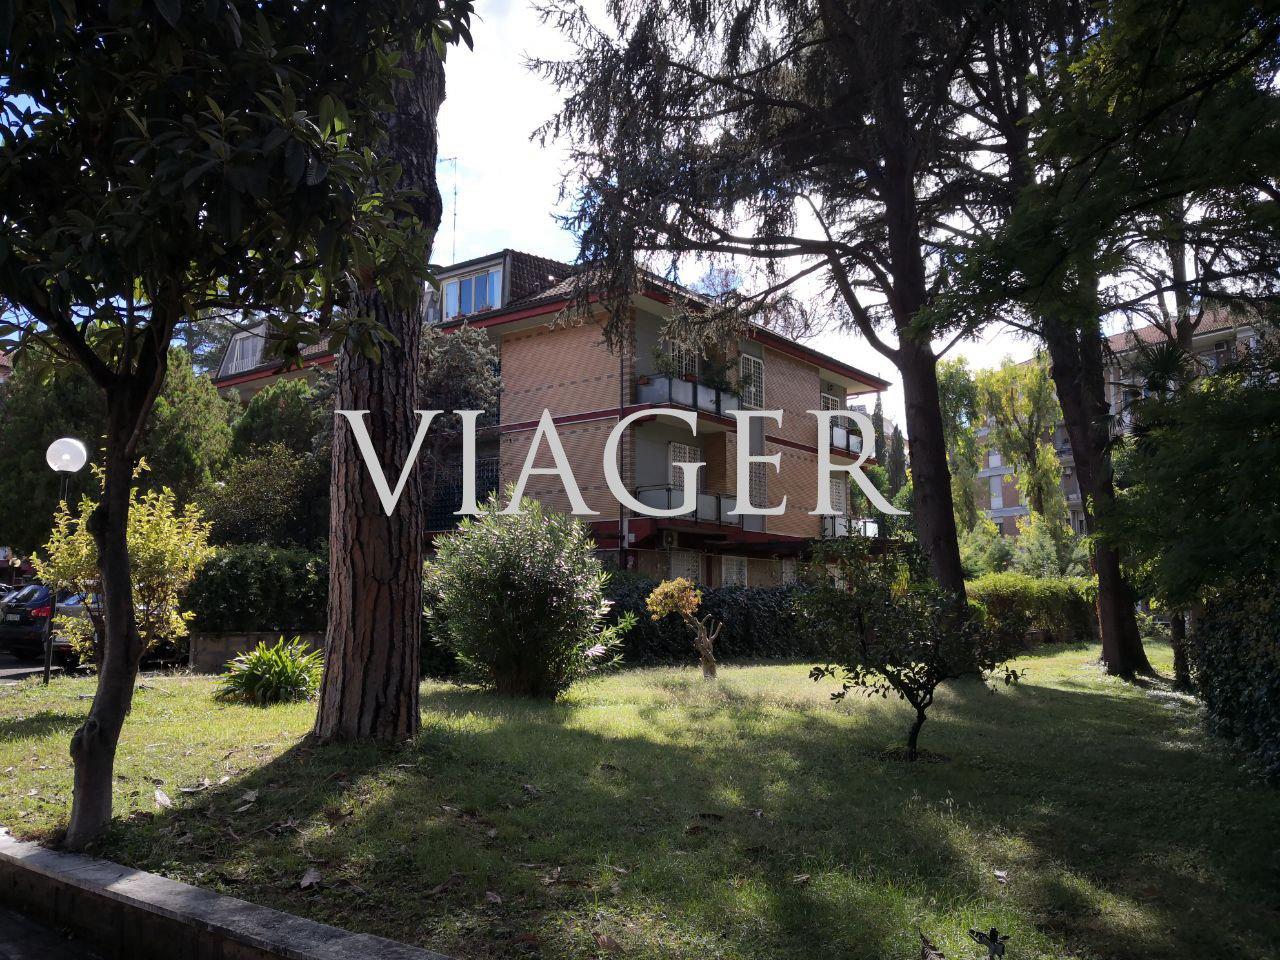 https://www.viager.it/public/Viager-1664-15868_g.jpg